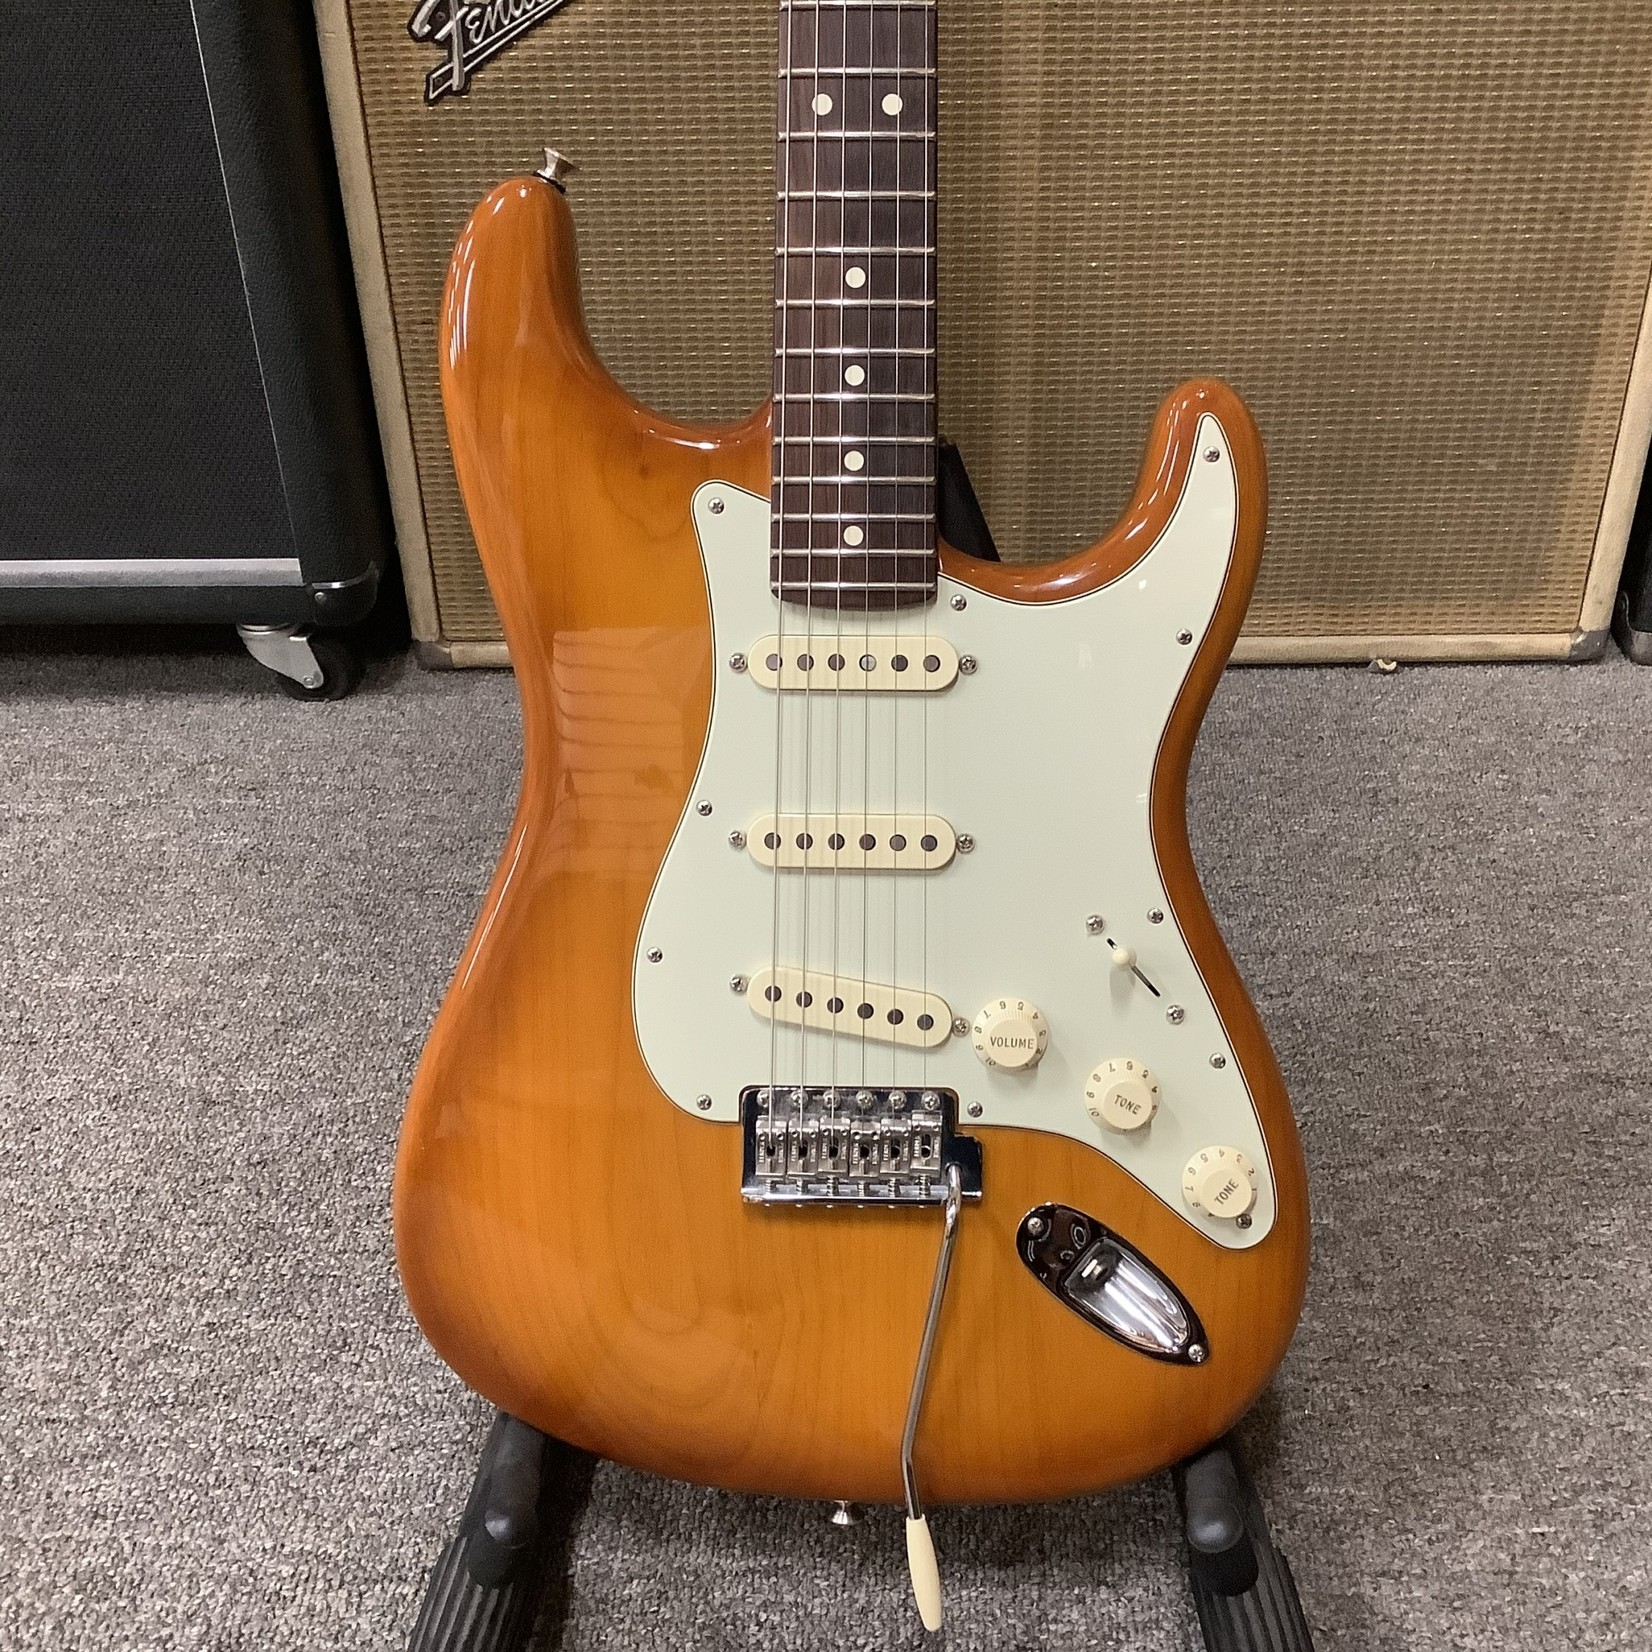 Fender 2019 Fender American Performer Stratocaster Honeyburst